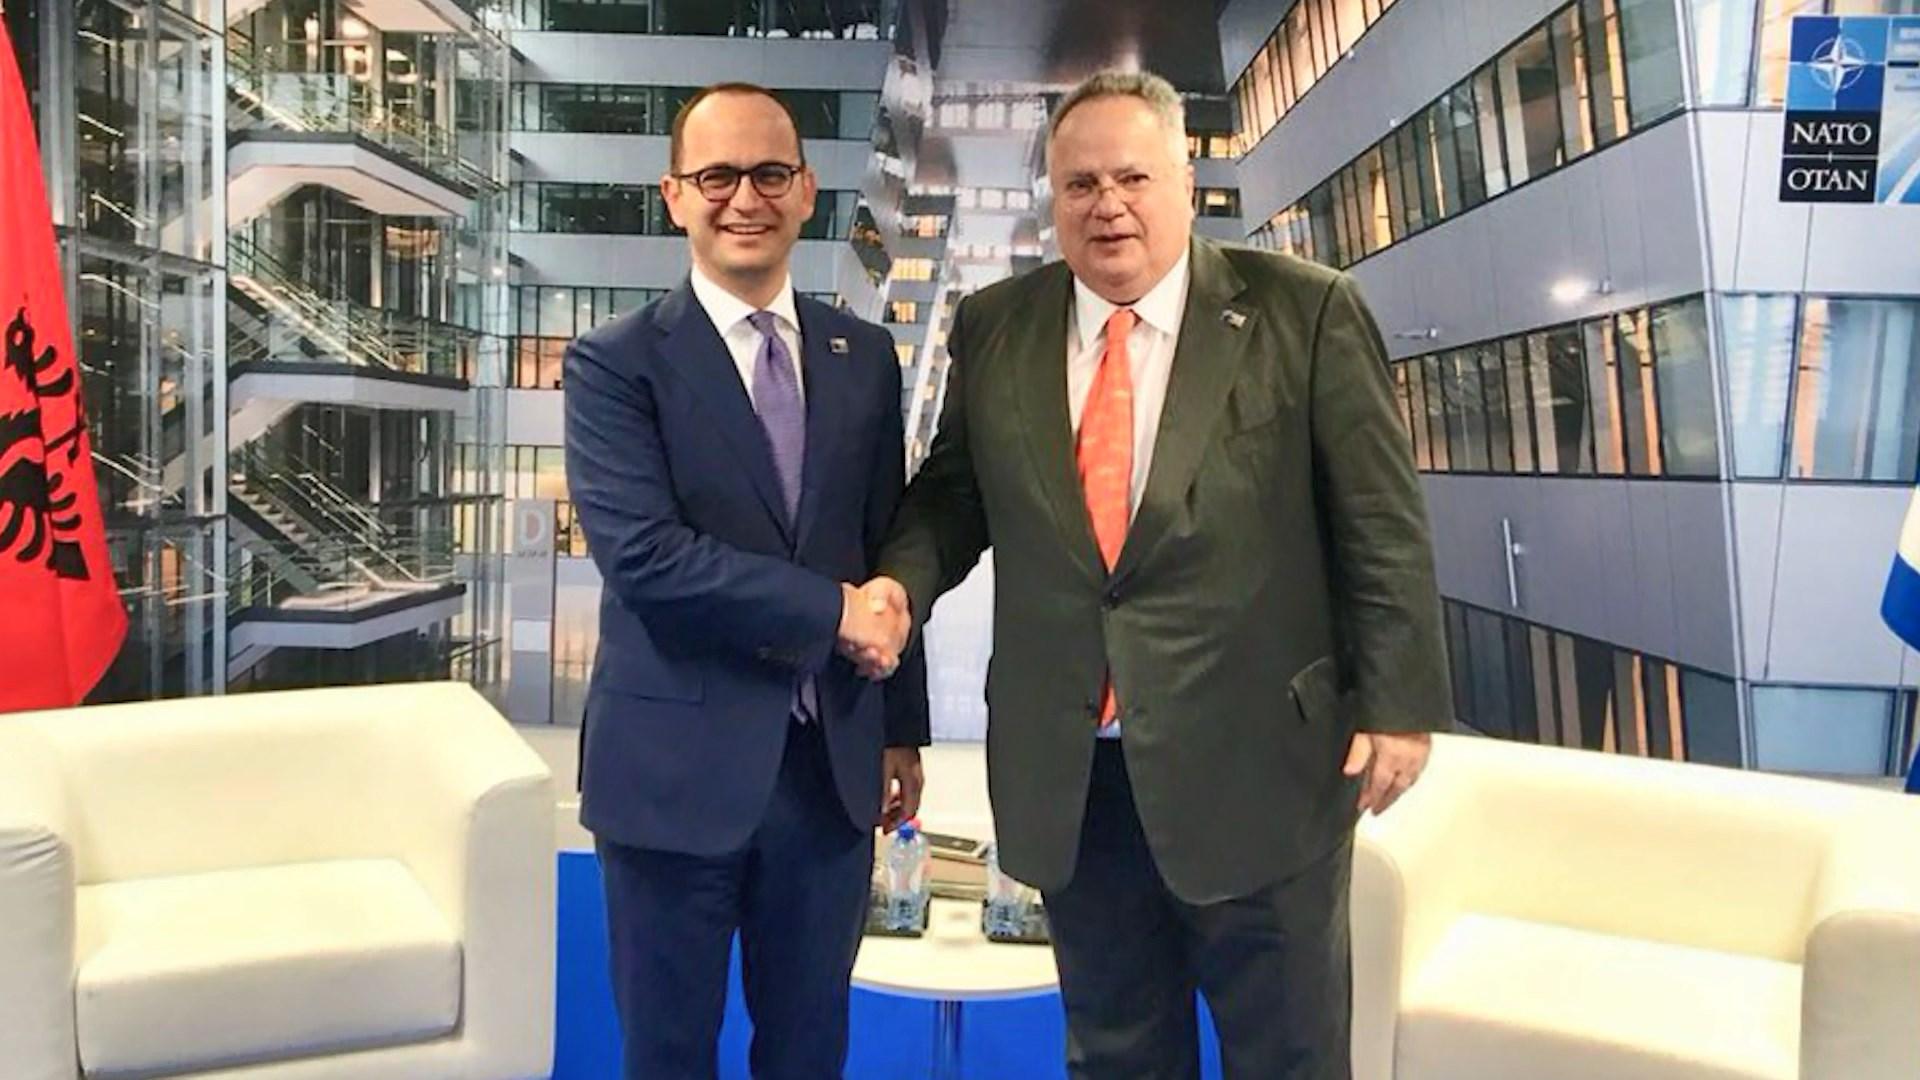 Marrëveshja Shqipëri-Greqi/ Bushati takohet në Bruksel me Kotzias